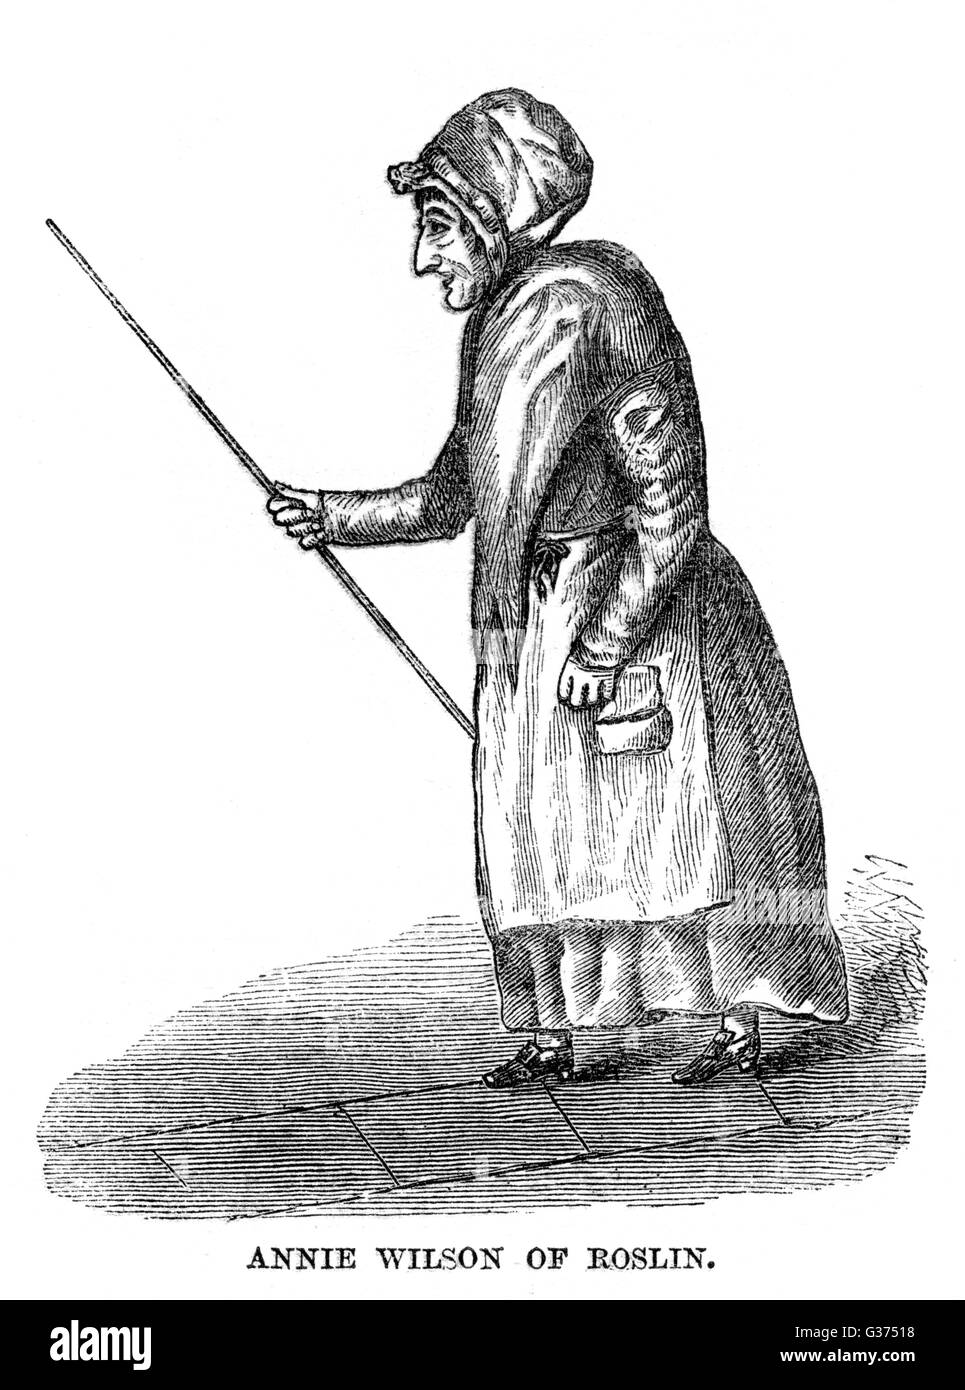 ANNIE WILSON - la femme de l'aubergiste et guide pour la Chapelle de Rosslyn, Édimbourg, où elle perpétue les légendes telles que le pilier de l'Apprenti. Burns a écrit un poème en son honneur. Date: vers 1780 Banque D'Images